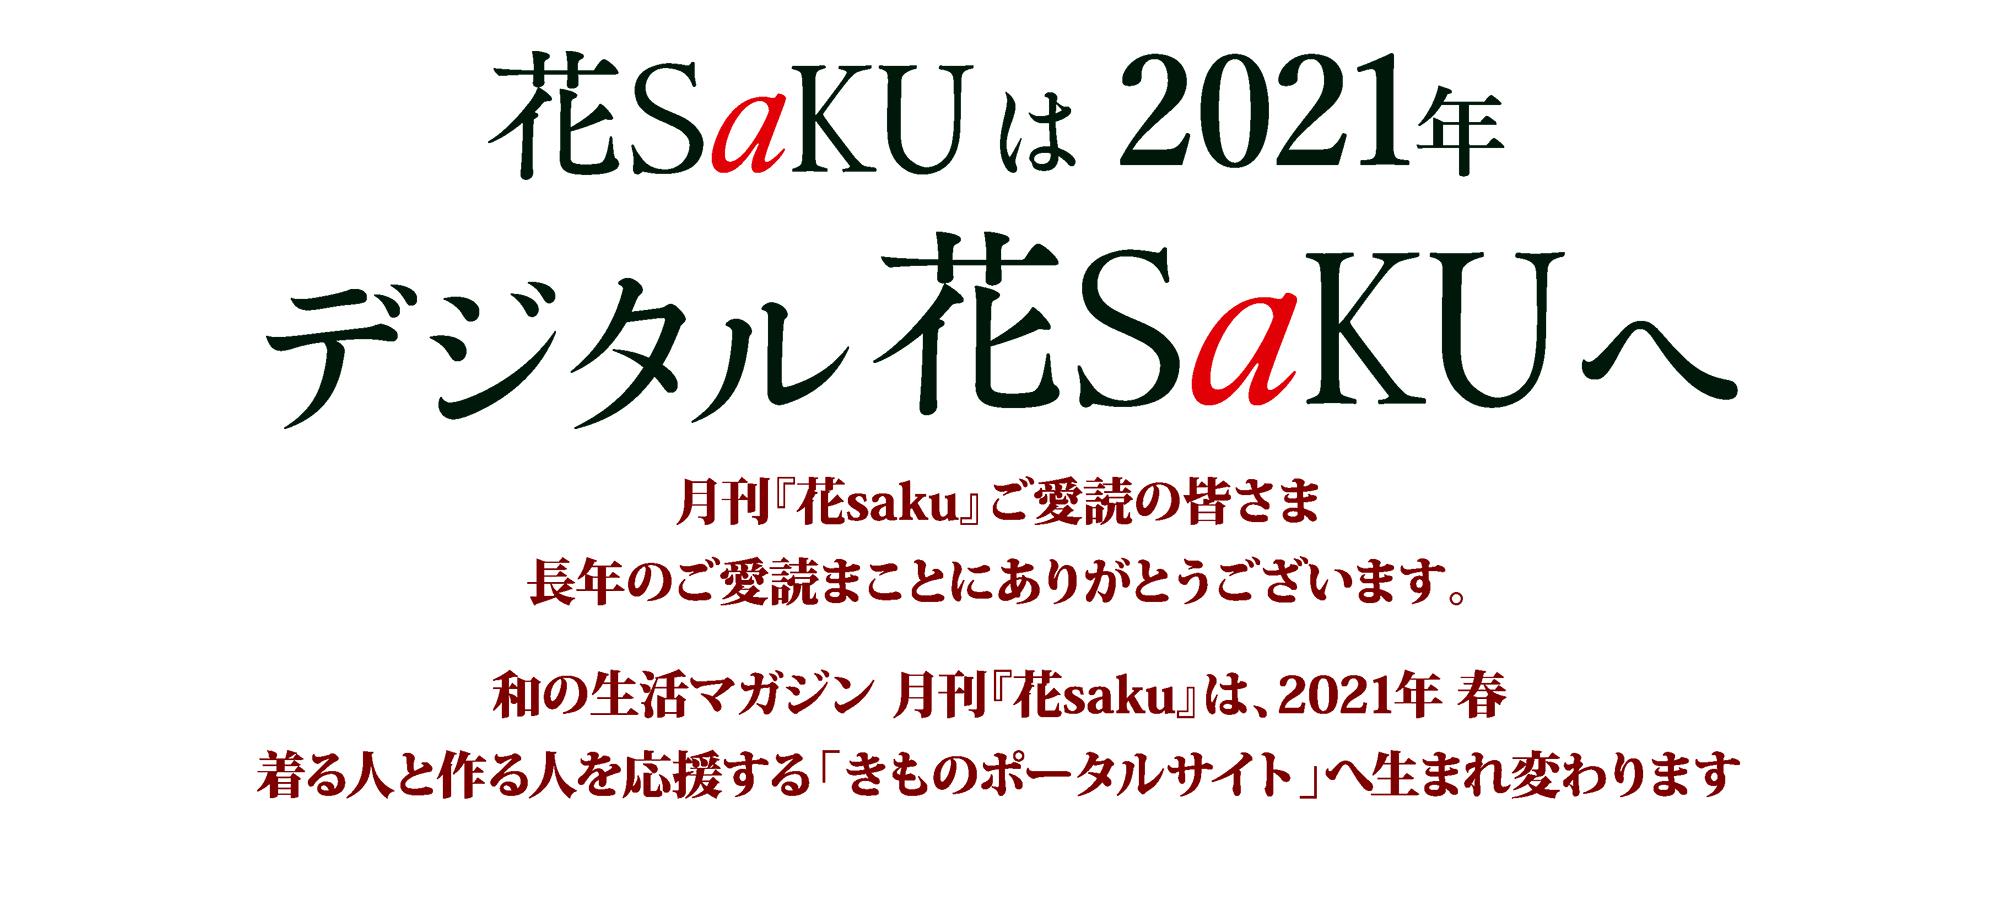 月刊『花saku』は 着る人と作る人を応援する「きものポータルサイト」へ生まれ変わります